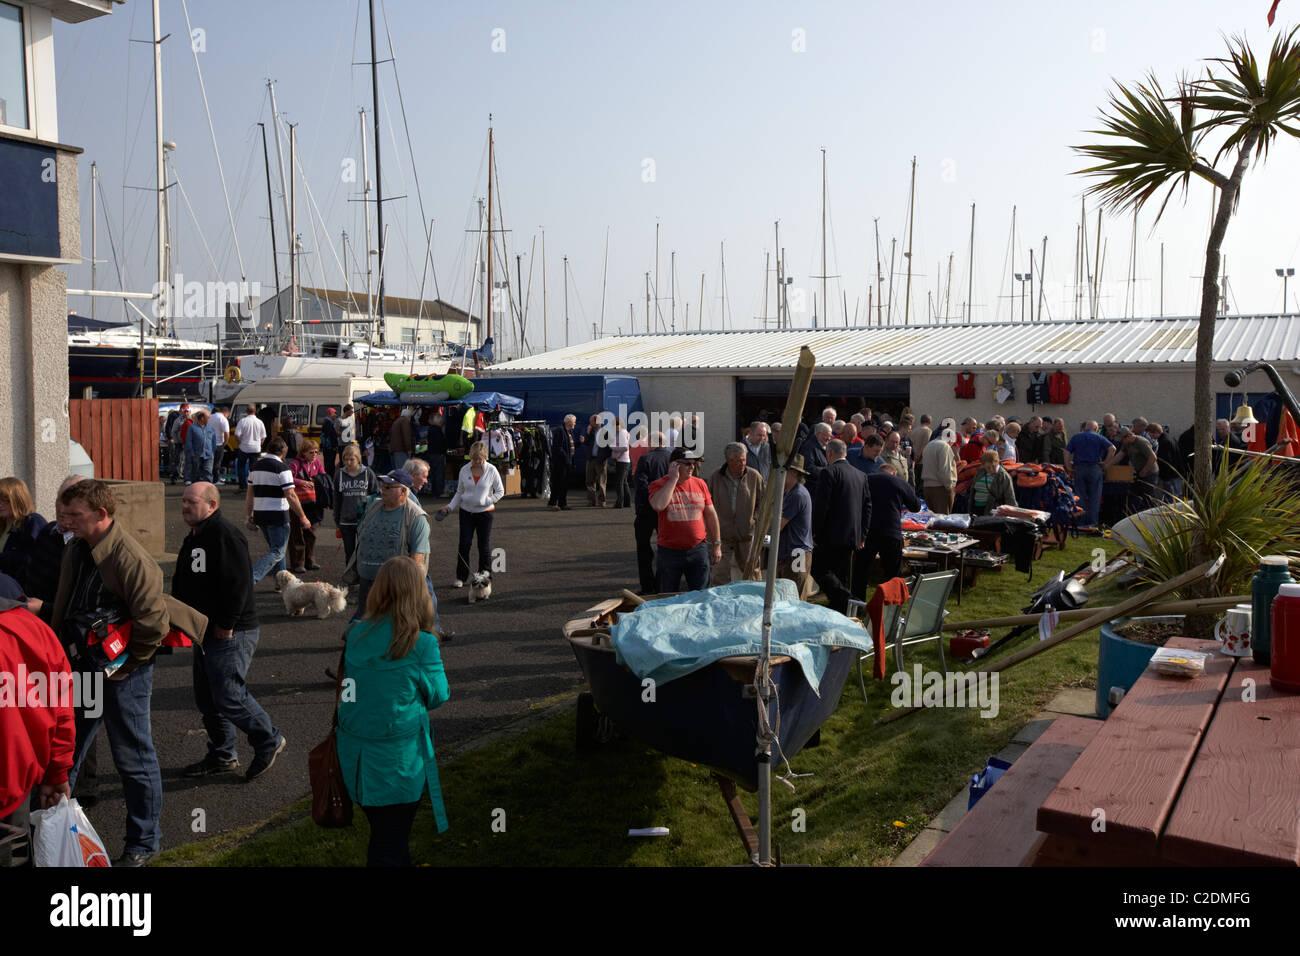 Imbarcazione irlandese accozzaglia in vendita in carrickfergus Sailing Club nella contea di Antrim Regno Unito Immagini Stock